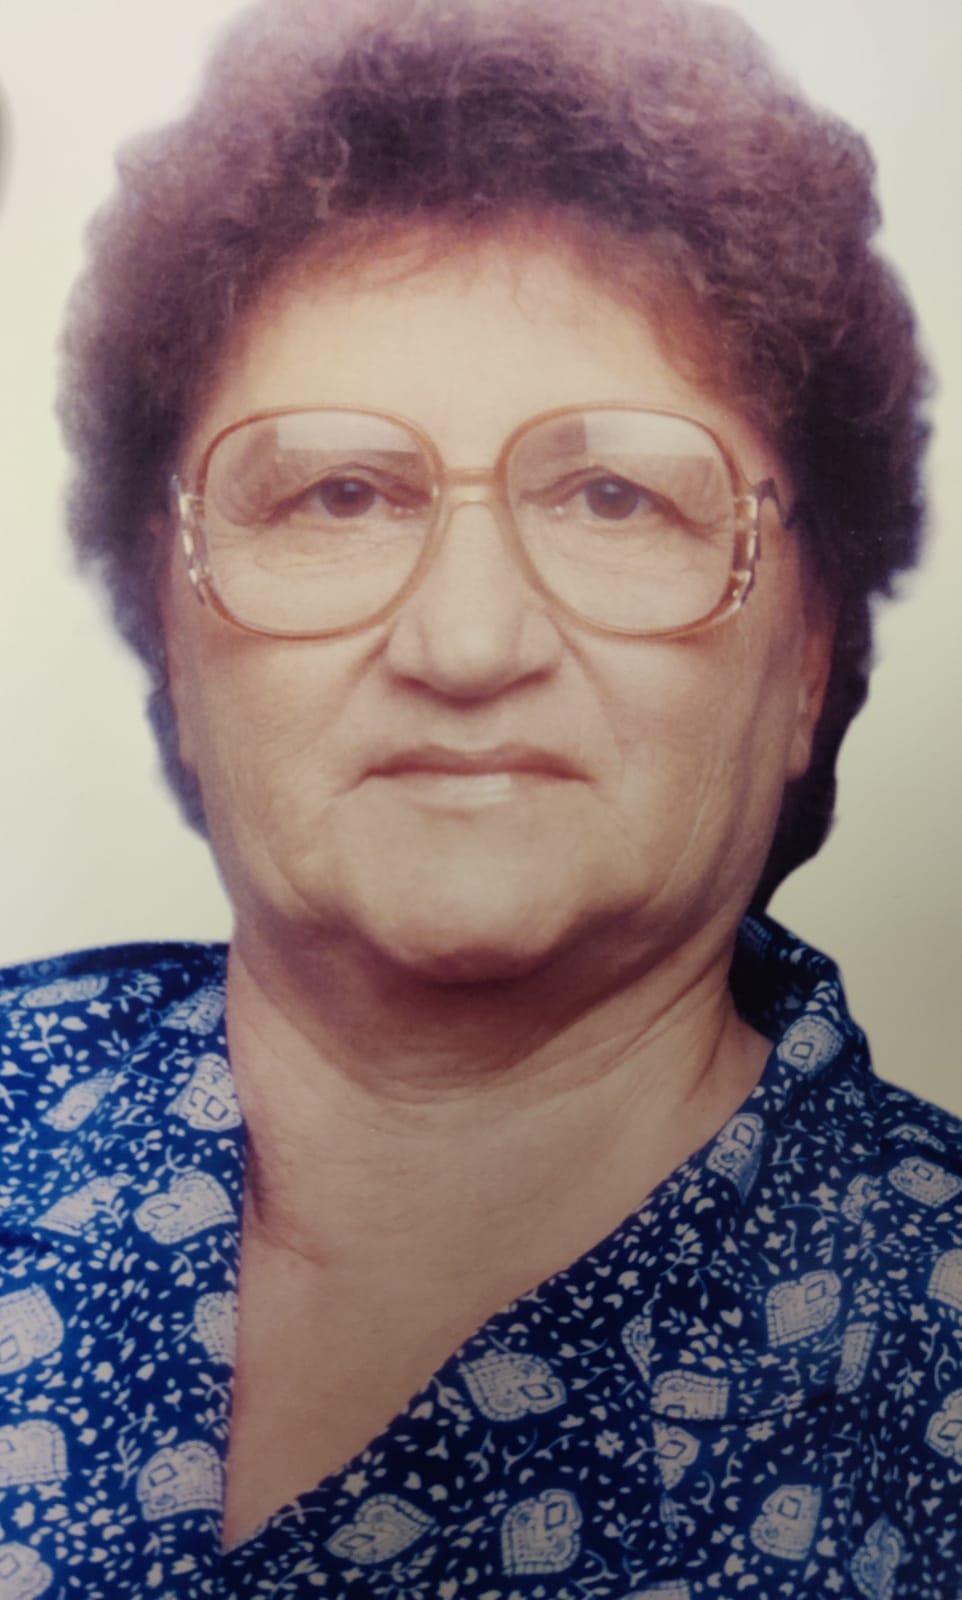 Soția pastorului Mihai Huşanu a plecat în veşnicie